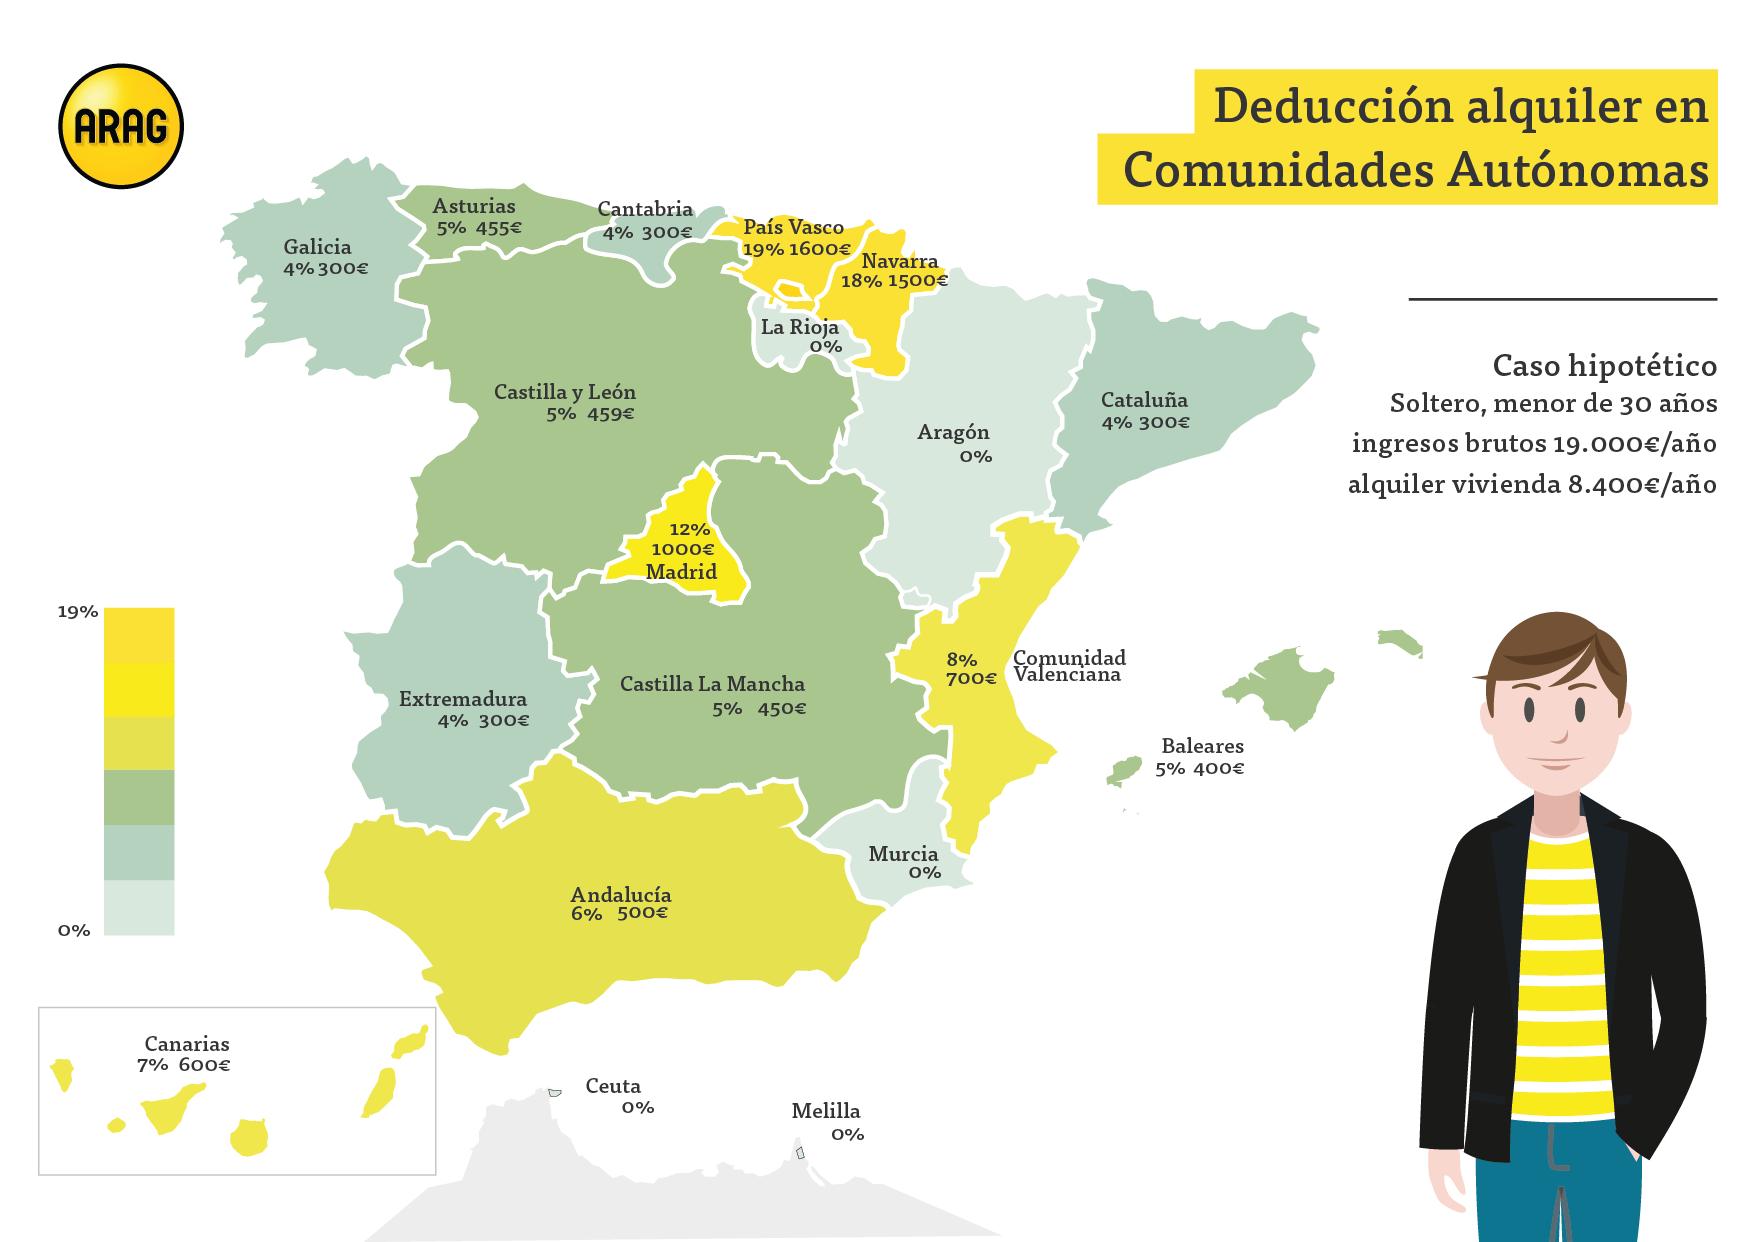 Foto de Deducción alquiler en Comunidades Autónomas